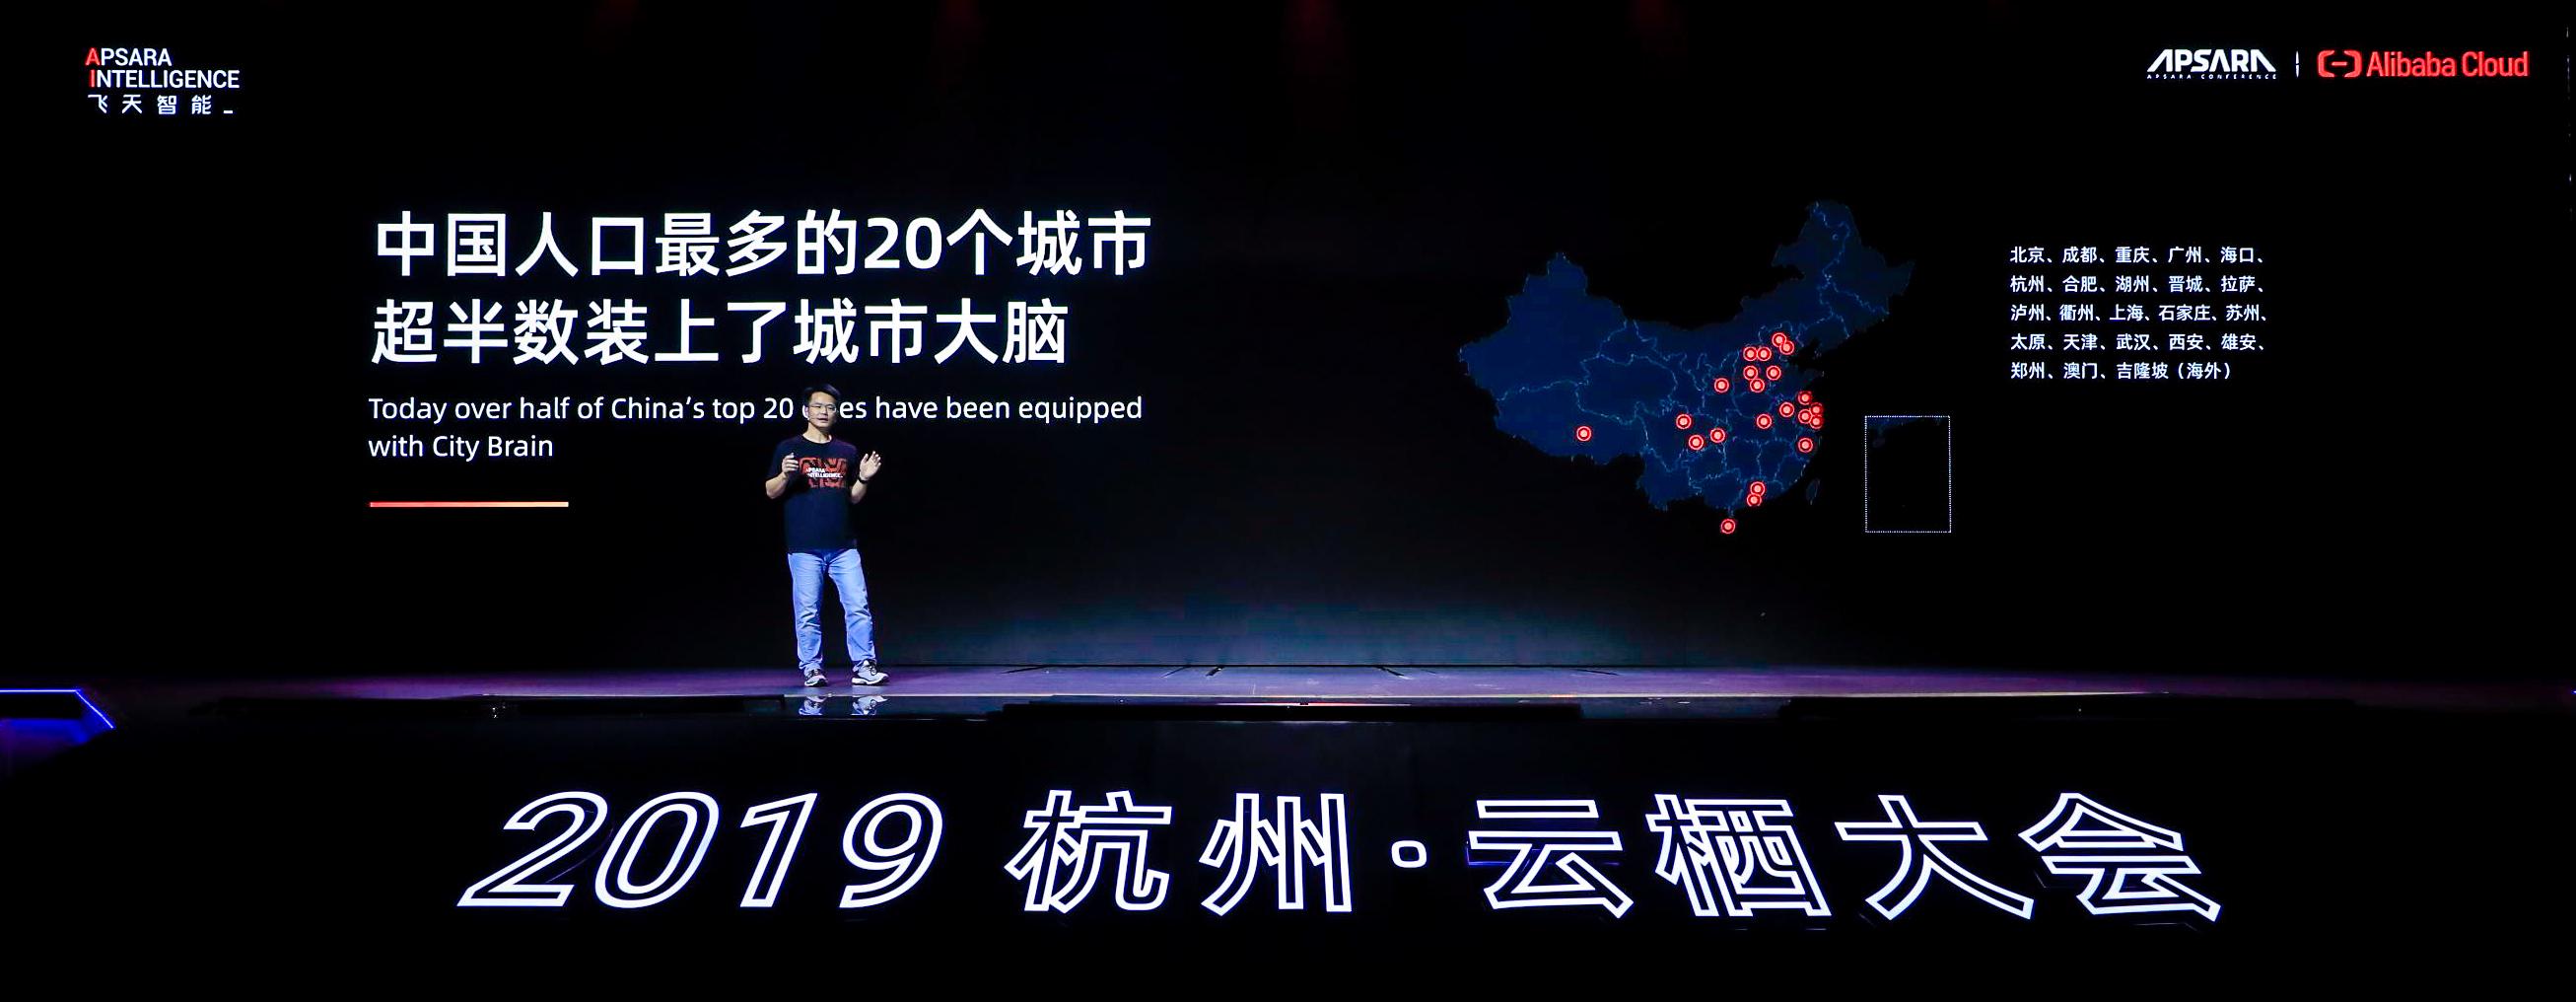 阿里巴巴AI每天调用超1万亿次,成中国最大的人工智能公司